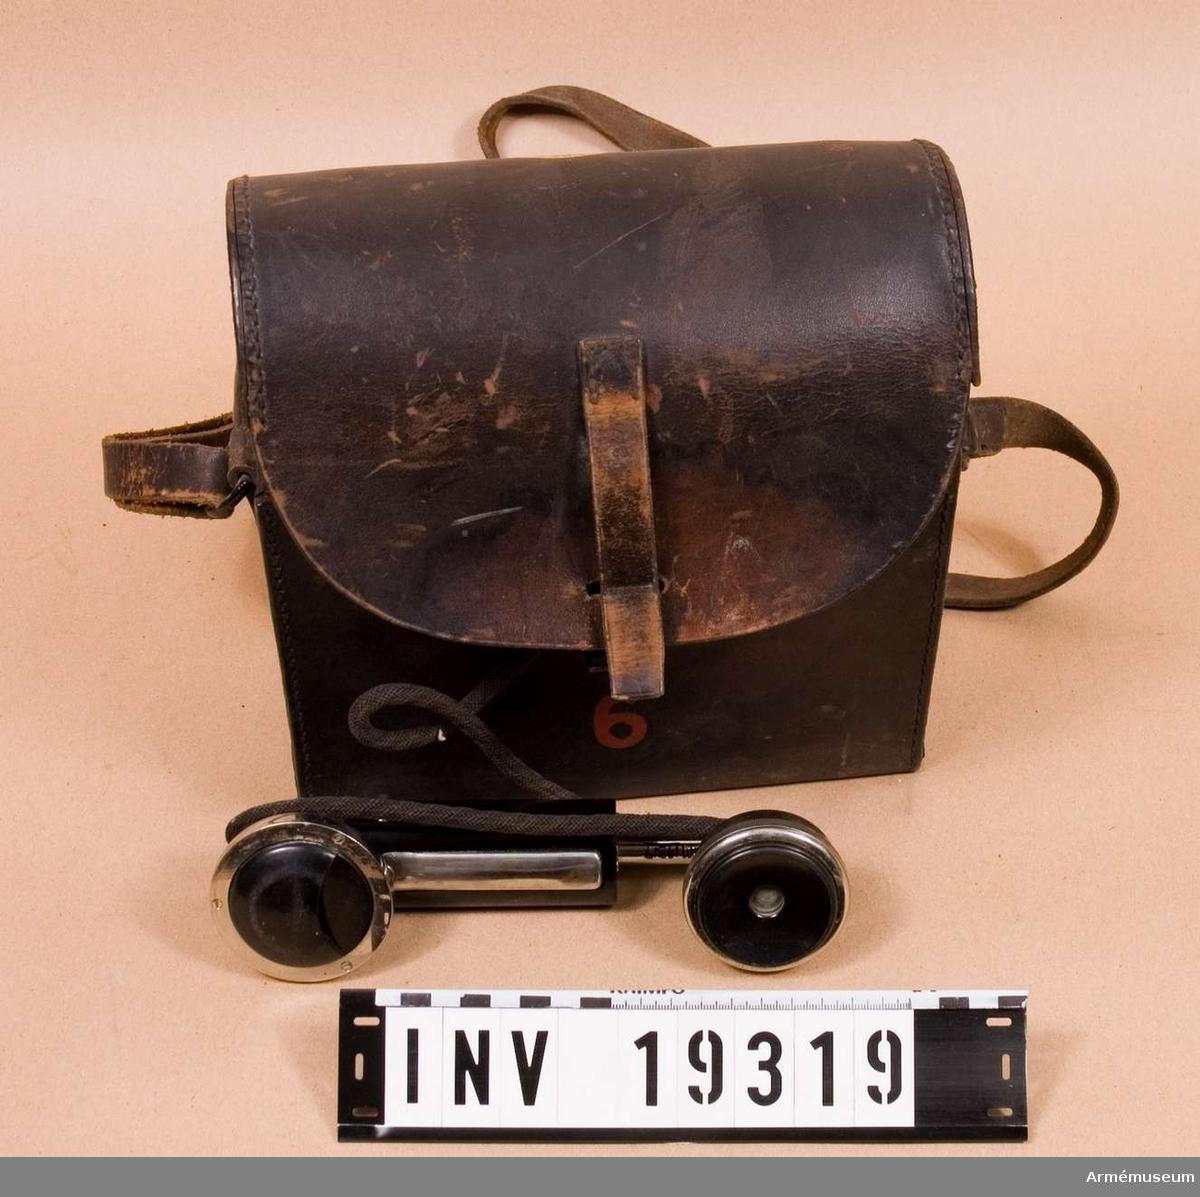 Uppgifter på typ och modellår saknas. Telefonapparaten har tillhört Radiotjänsts tekniska avdelning. Märkt: Rtj. Tekn.avd. no 1510. Telefon A-B.L.M. Ericsson. Består av 2 delar. 1 st telefonapparat. 1 st fodral av läder med bärrem.